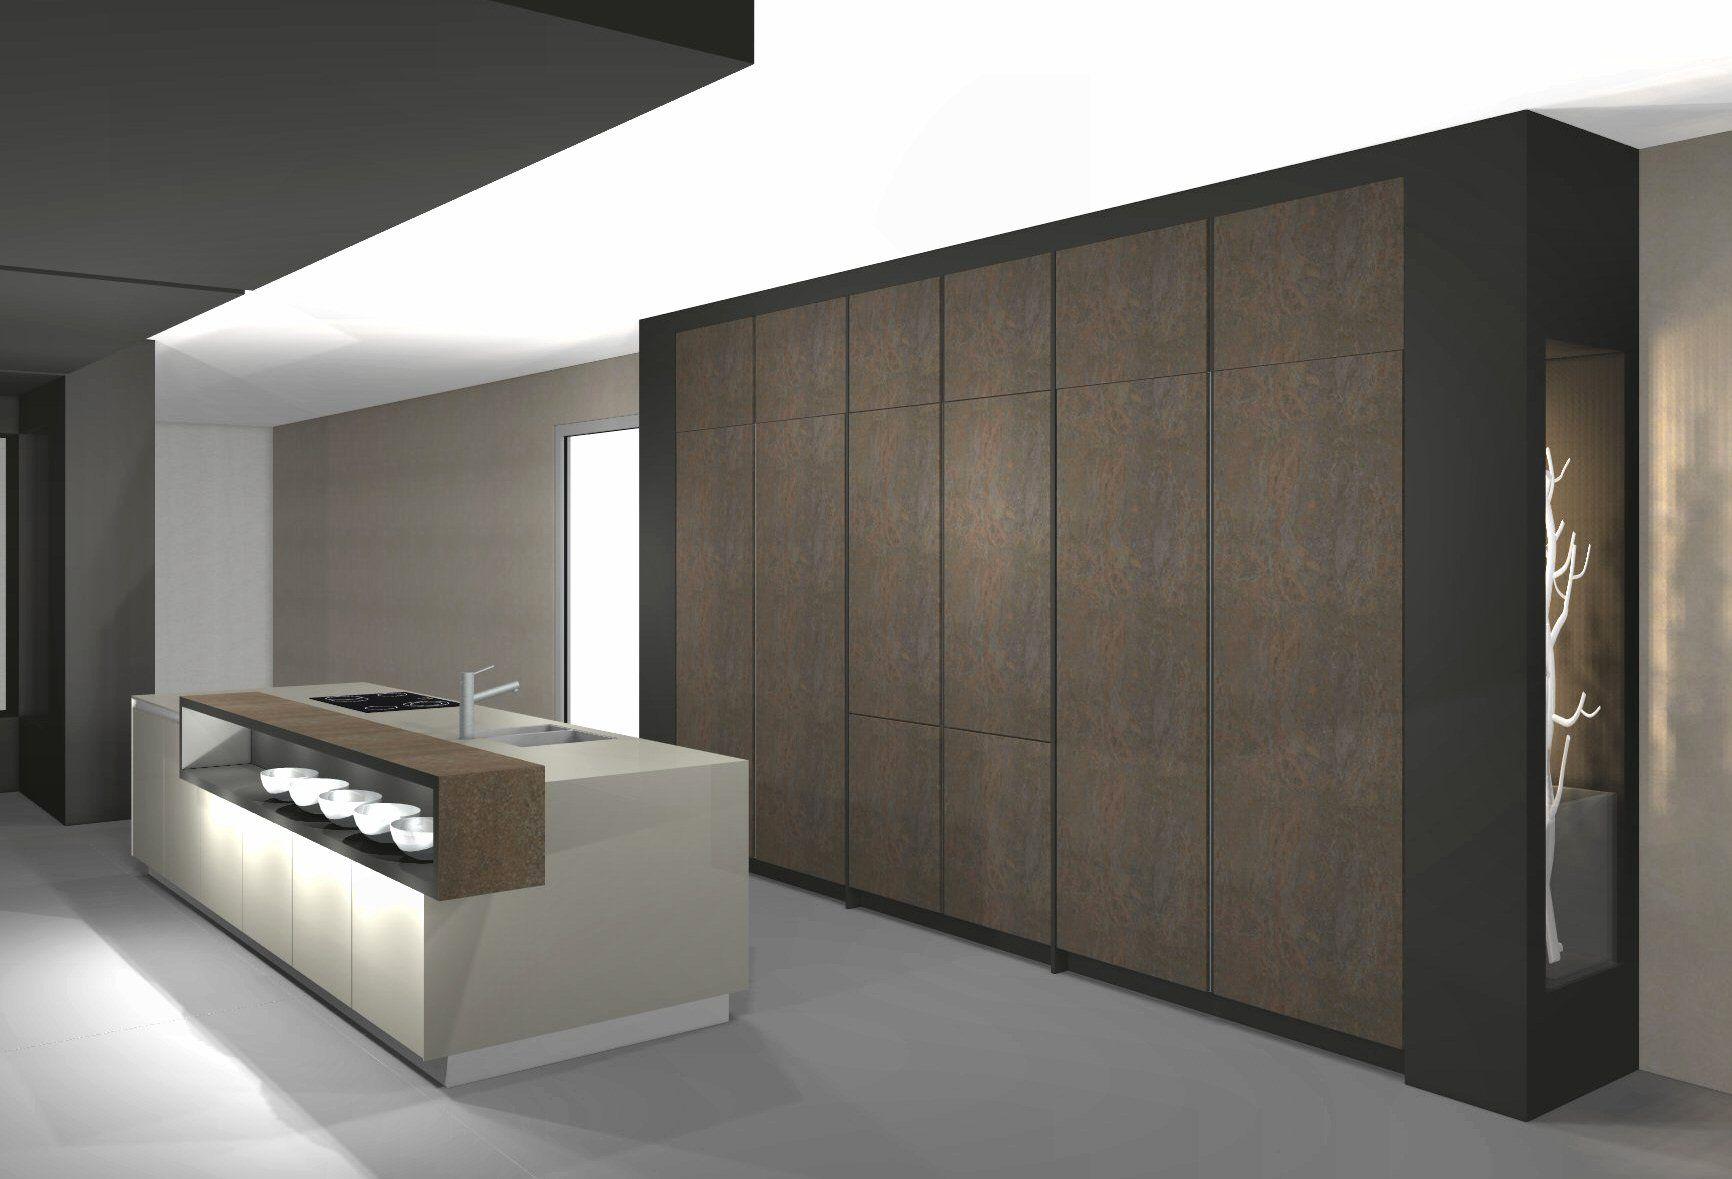 De voordeligste woonwinkel van nederland prachtige design eilandkeuken - Eilandjes van keuken ...